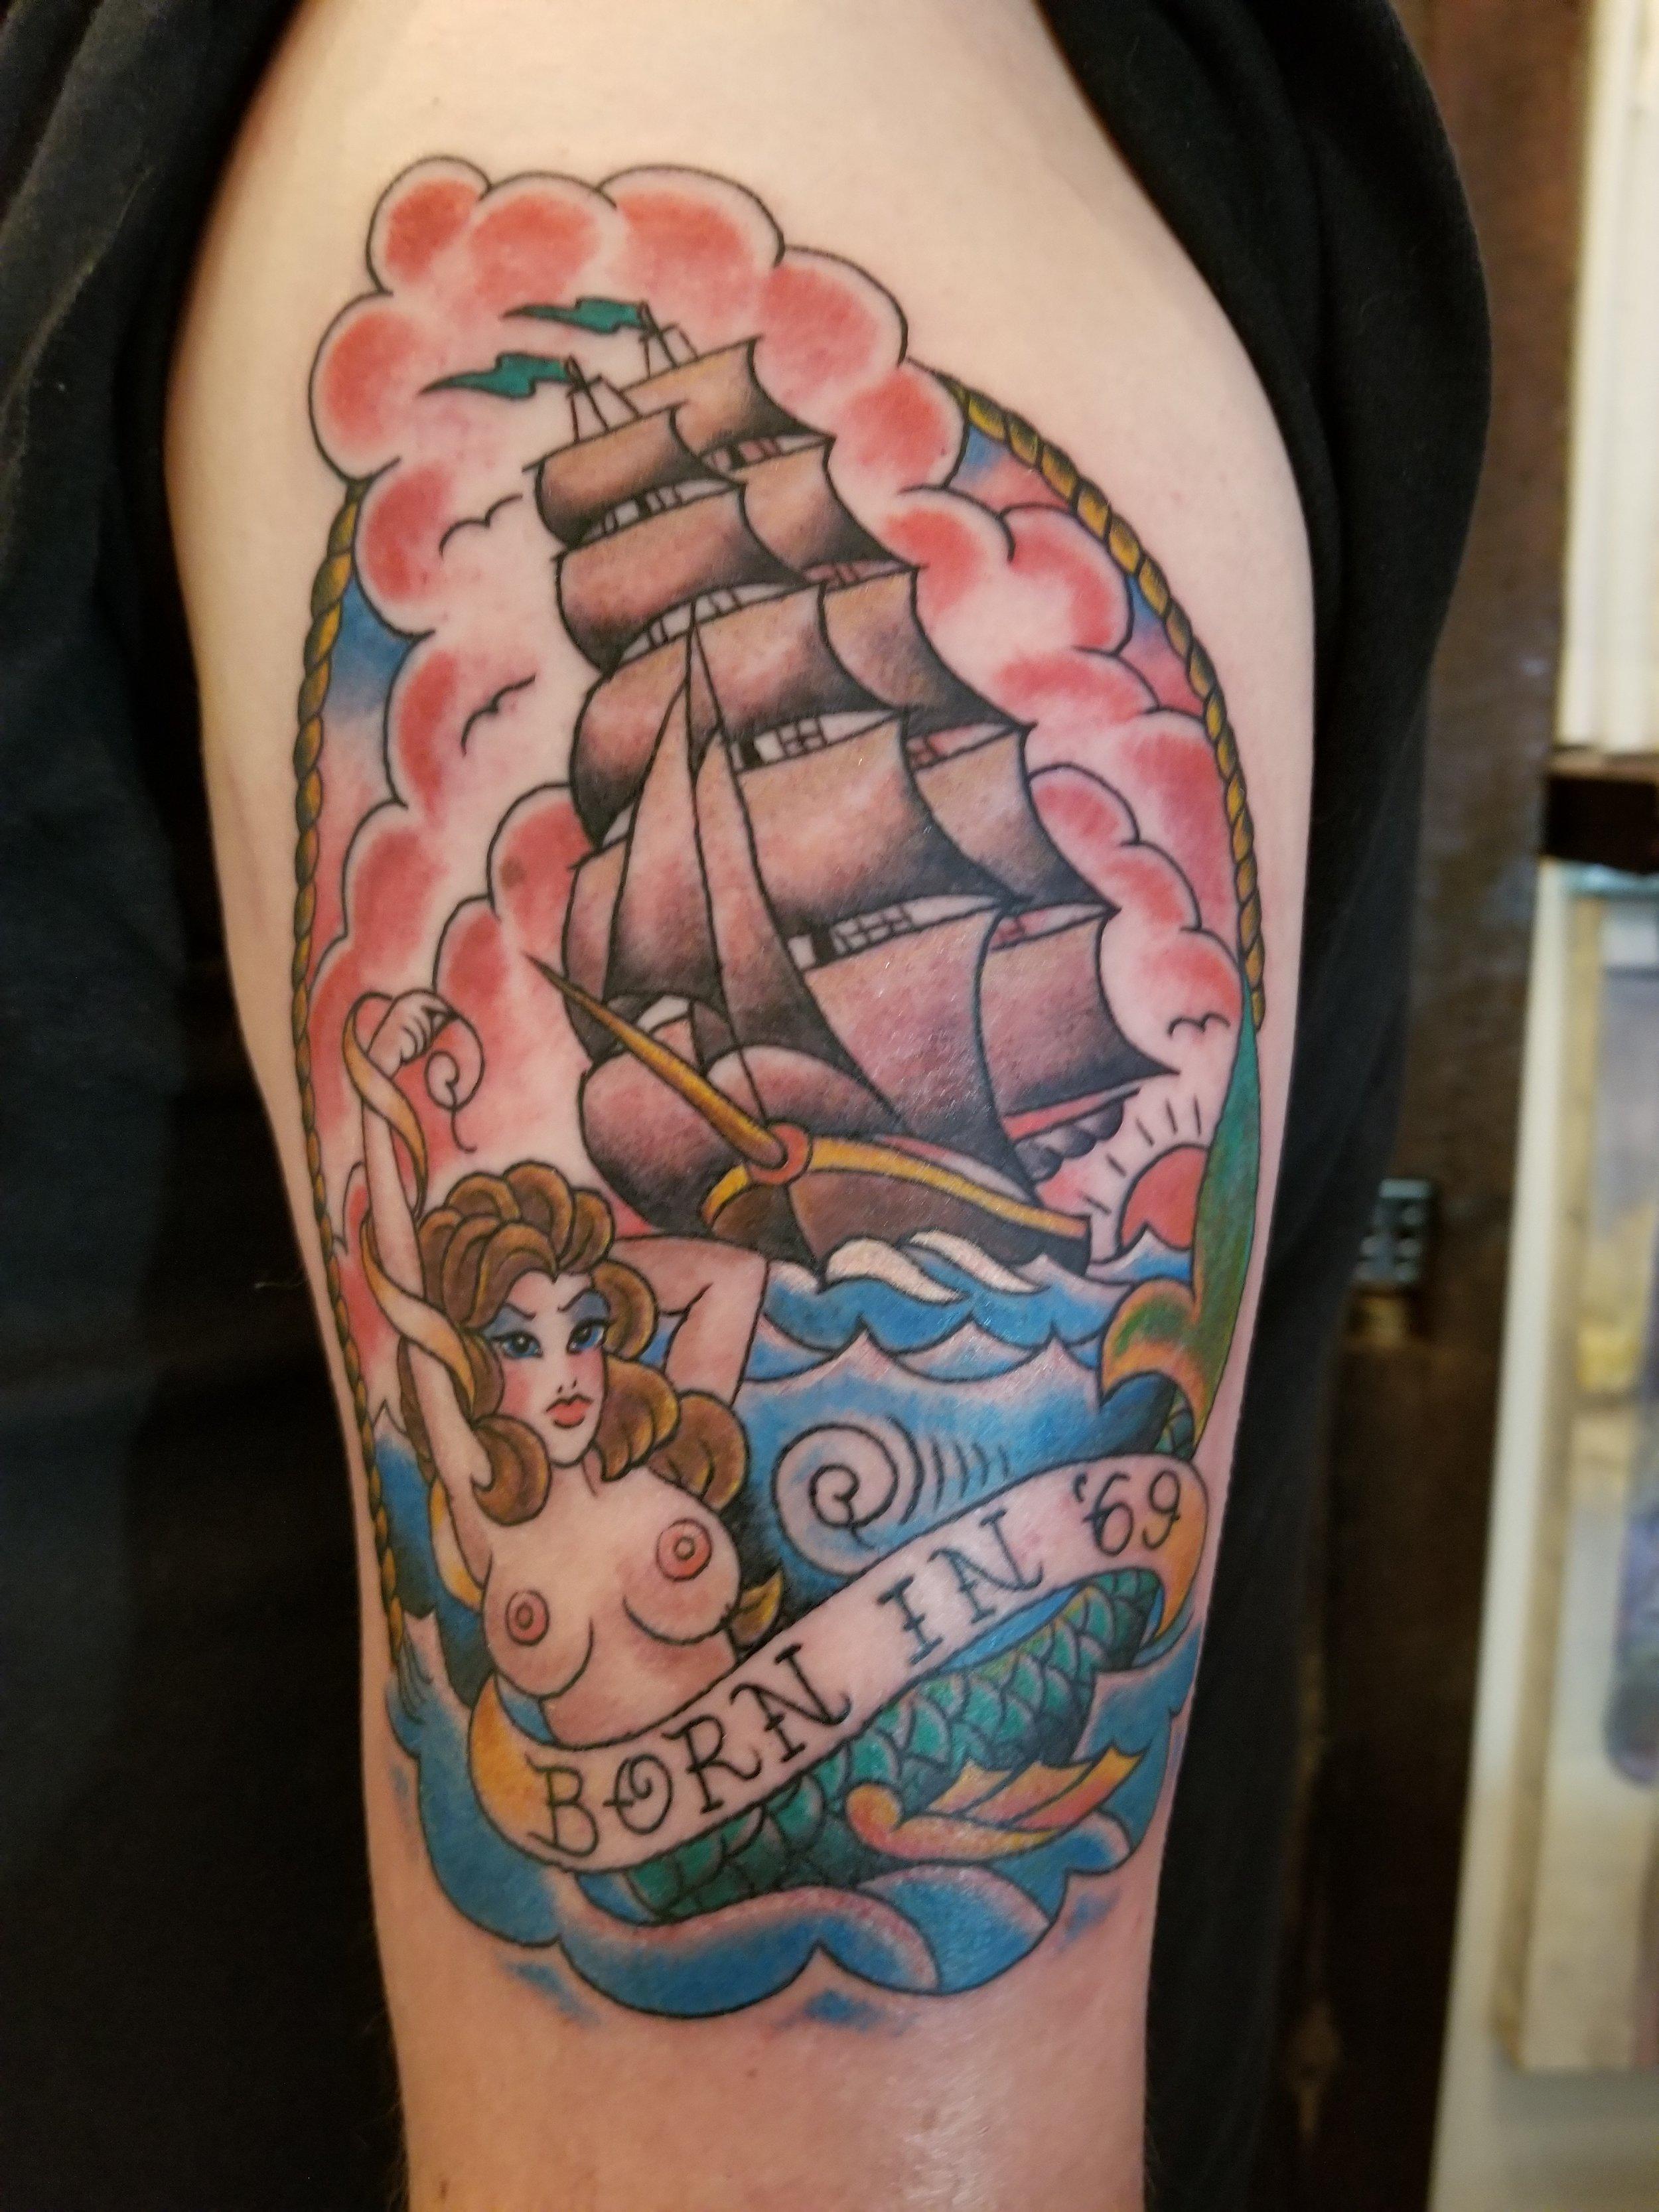 Ship and mermaid